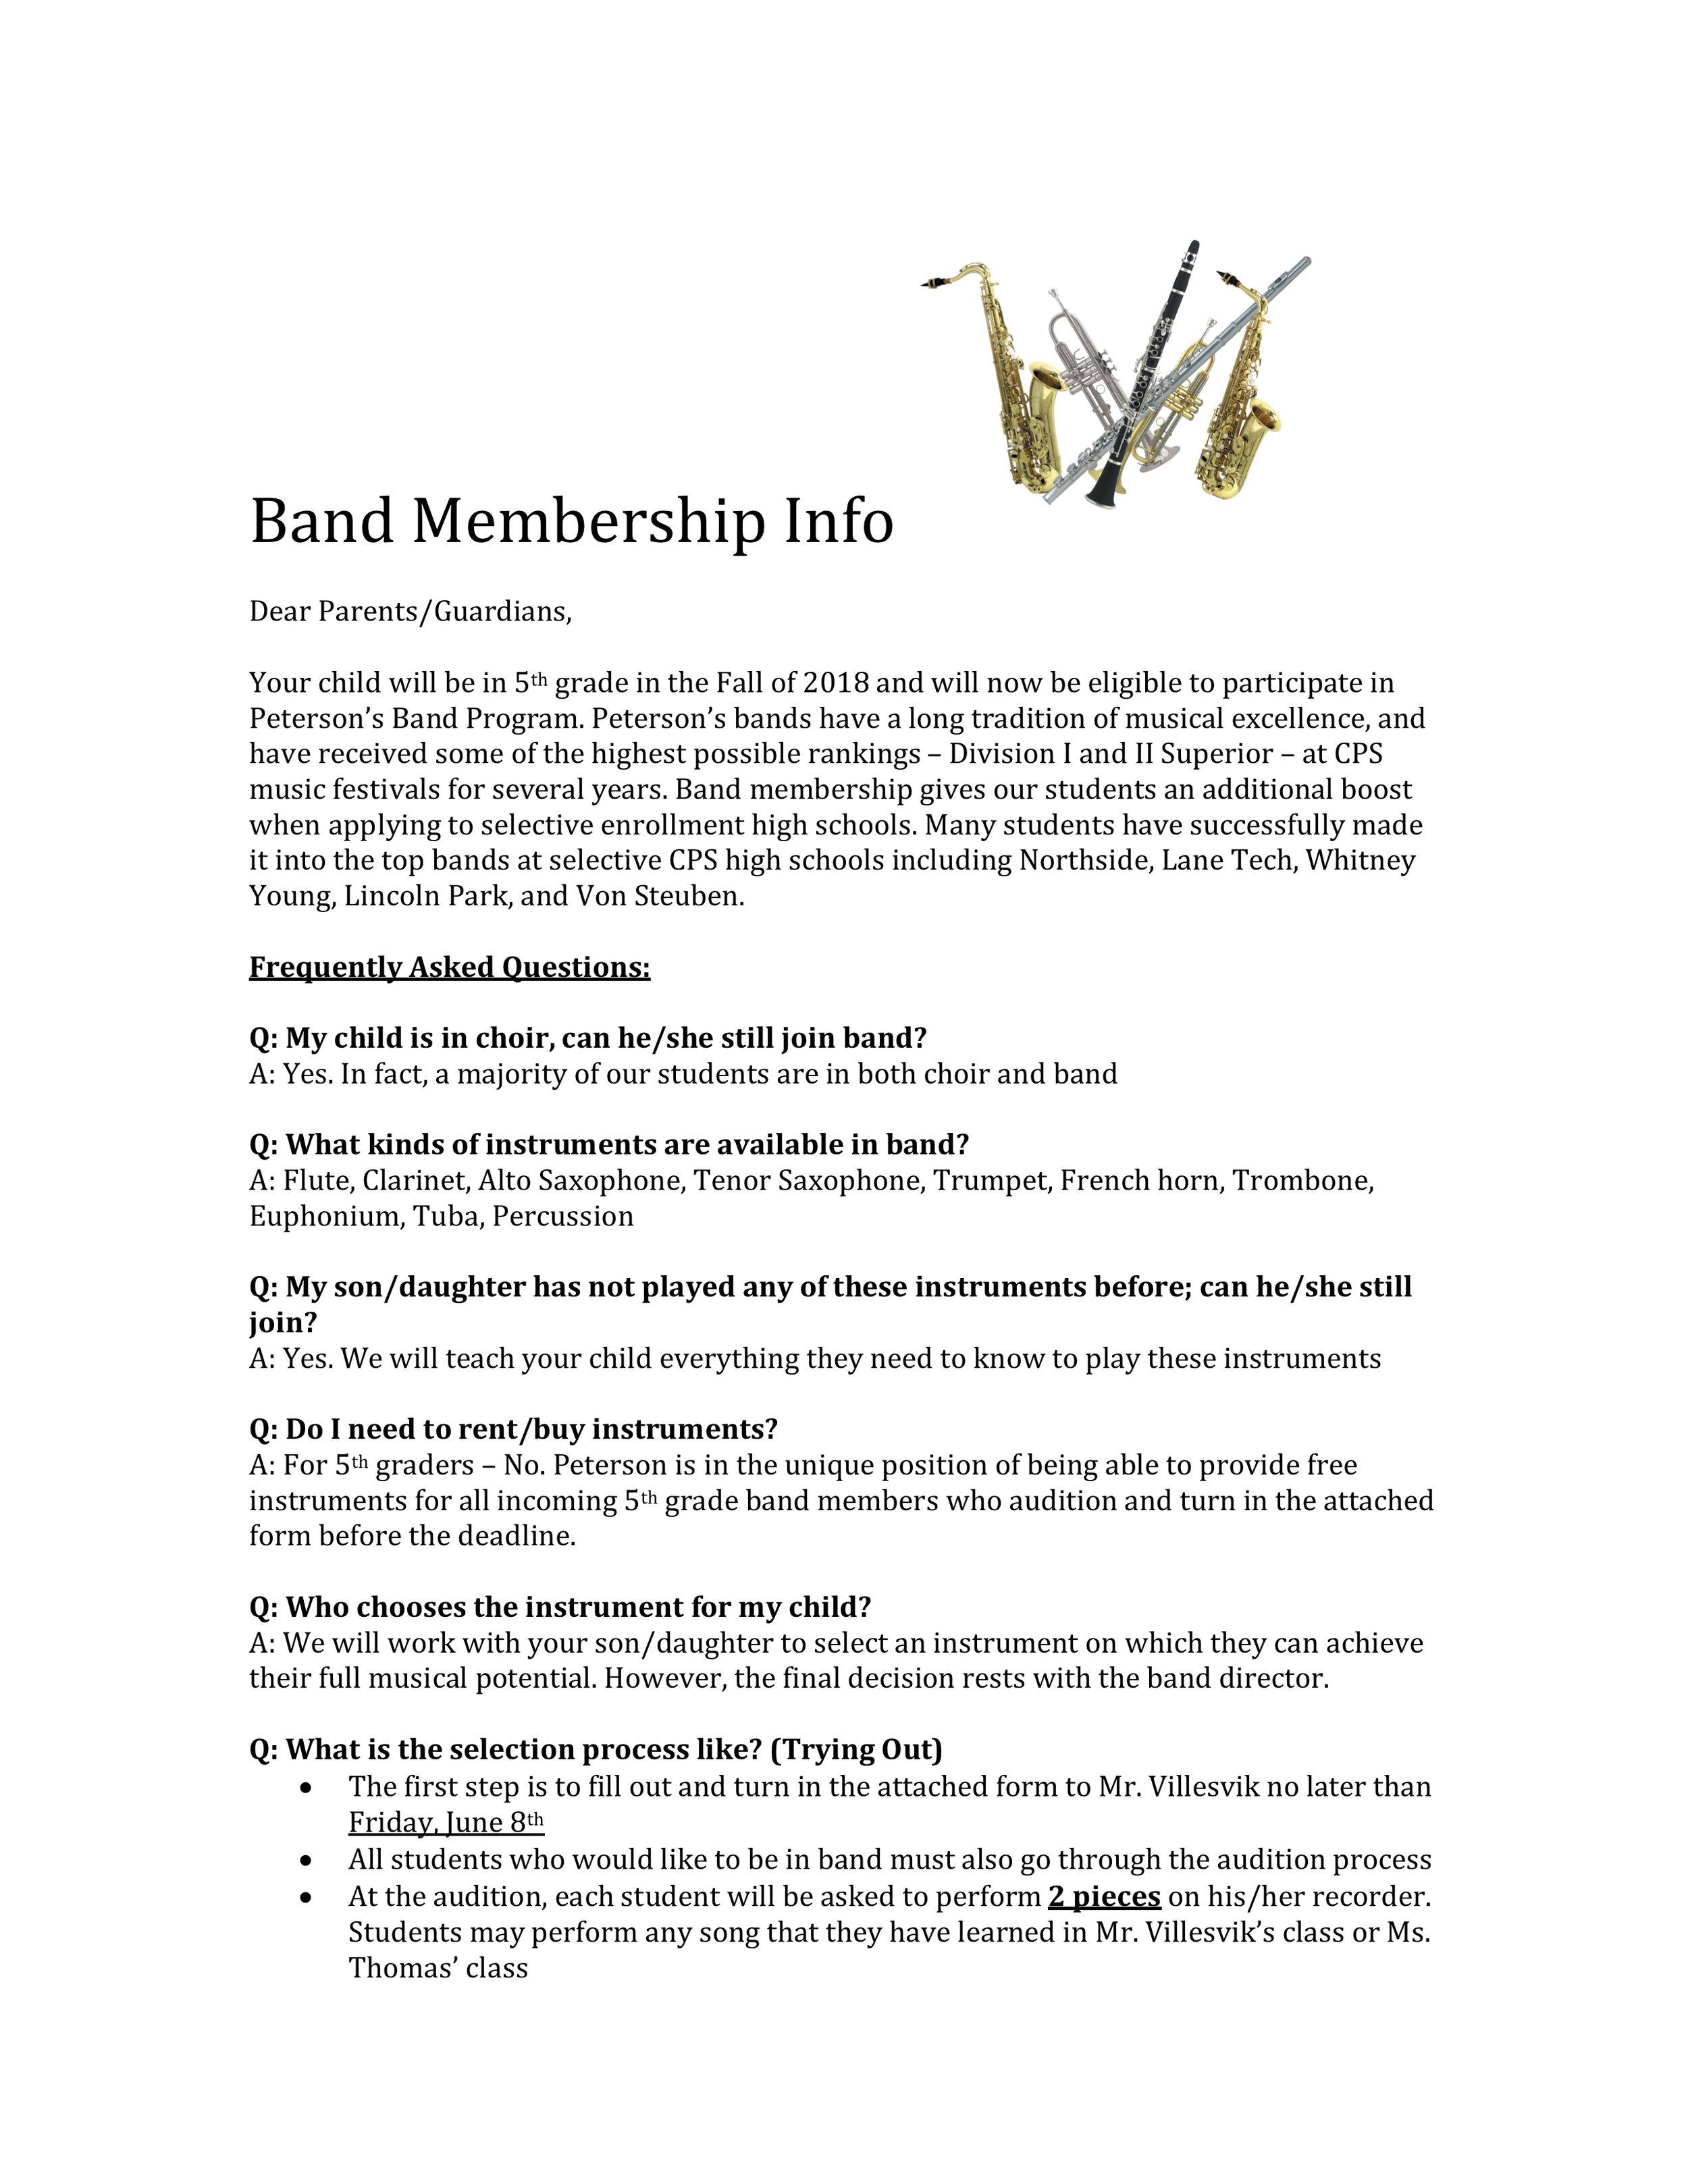 Band Membership Info.jpg